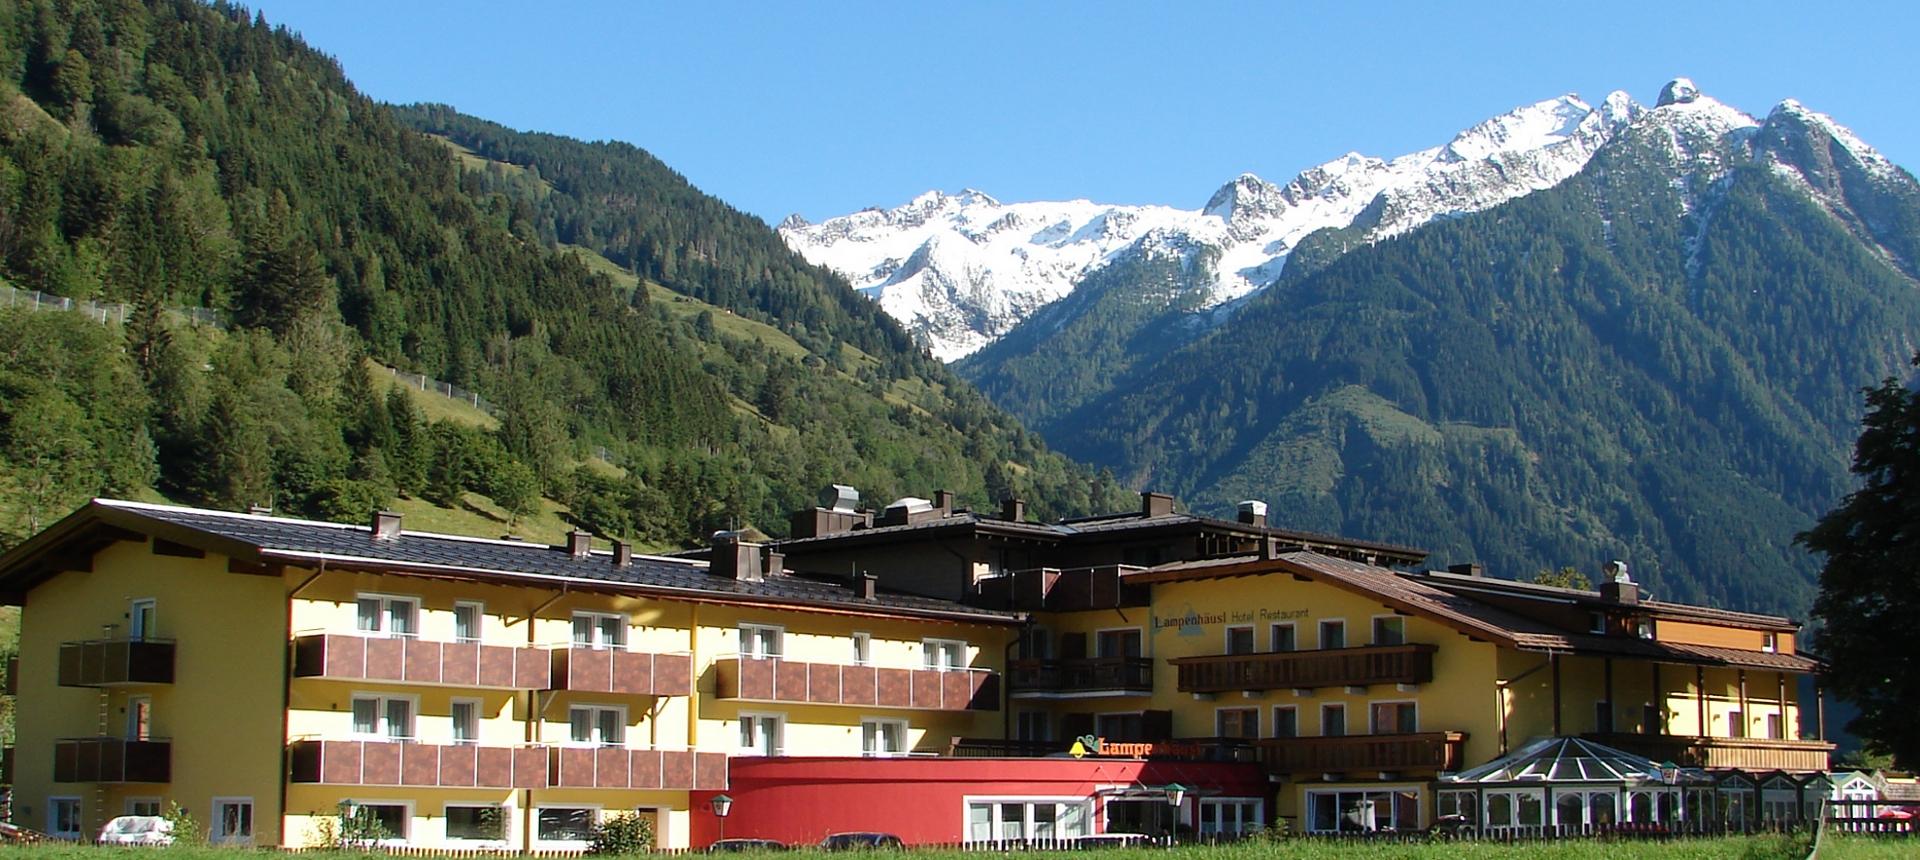 Holiday Großglockner High Alpine Road - Hotel Lampenhäusl family